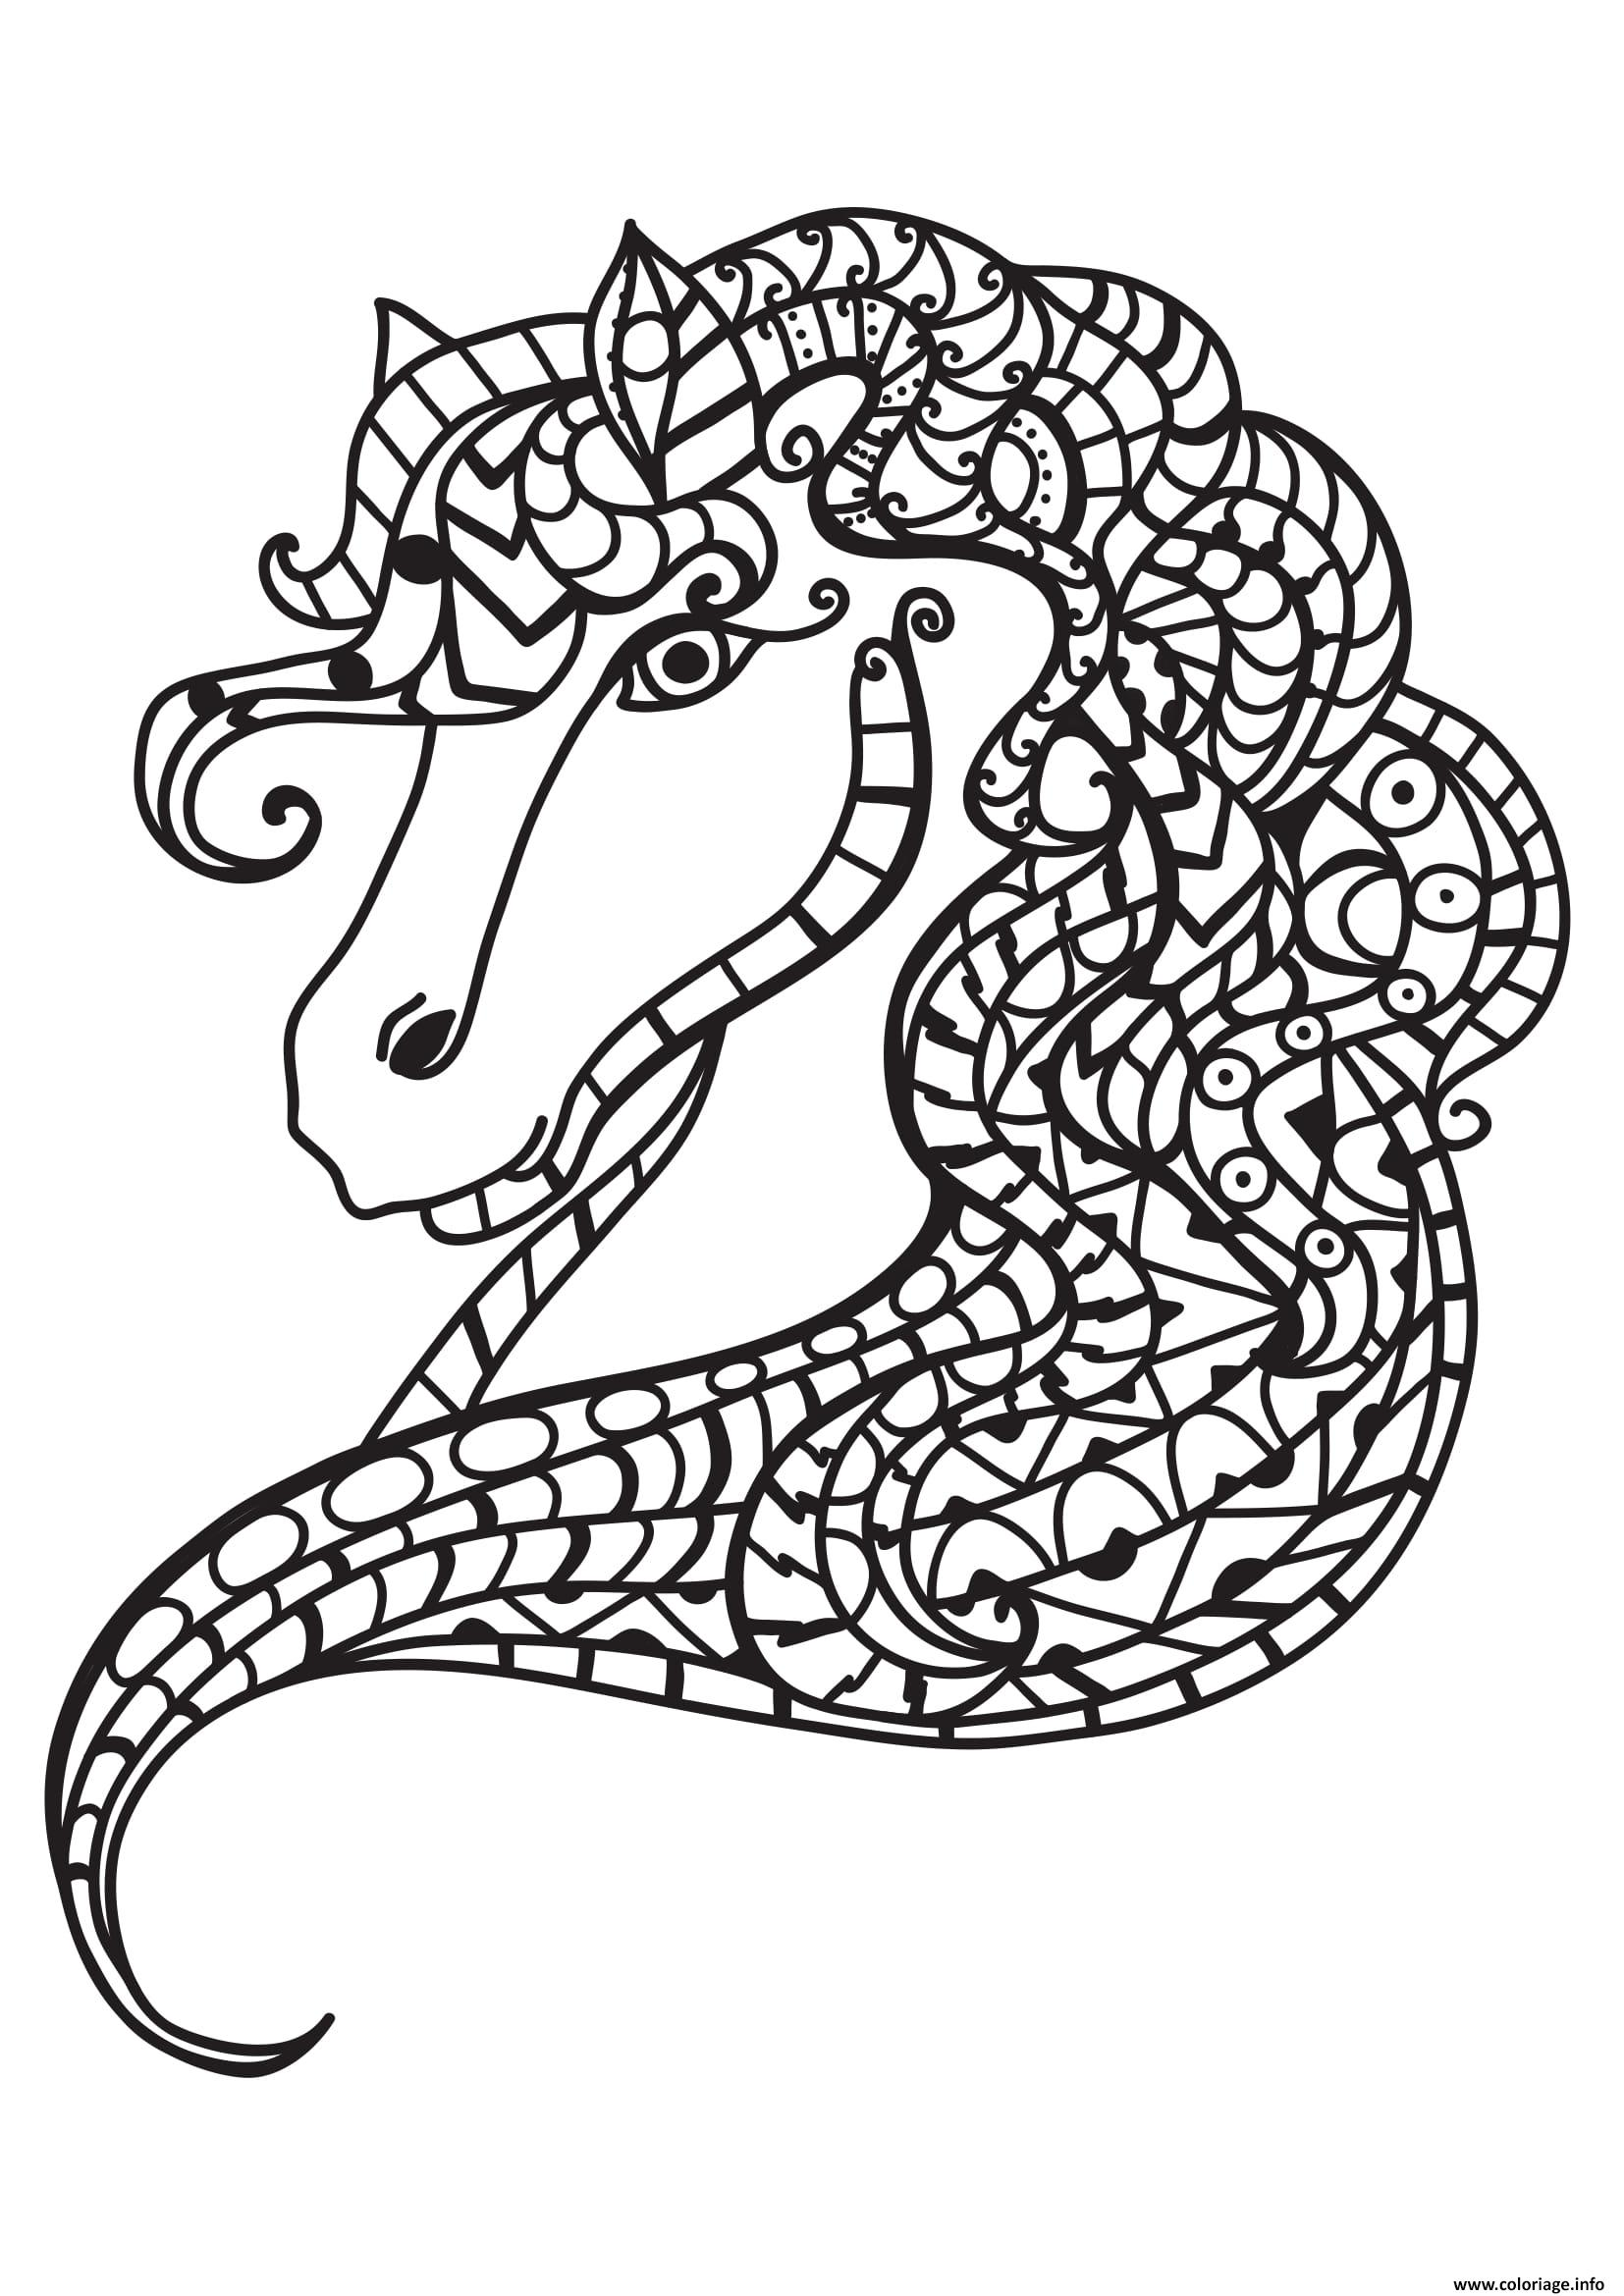 Dessin adulte cheval antistress 07 Coloriage Gratuit à Imprimer